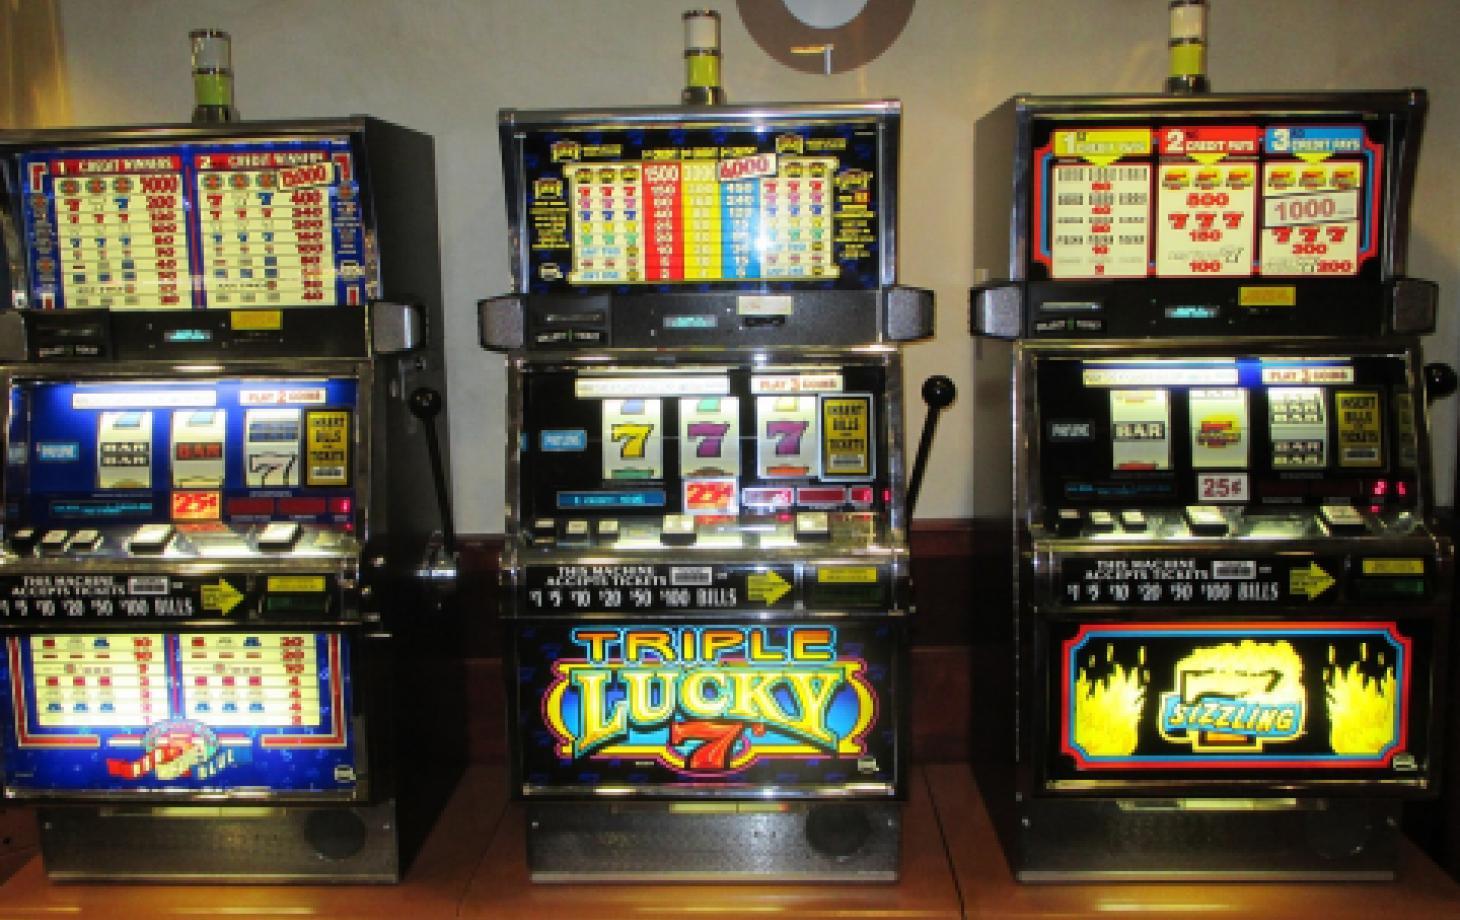 Игровые автоматы в молдове online игровые автоматы скачать бесплатно текстовой форум